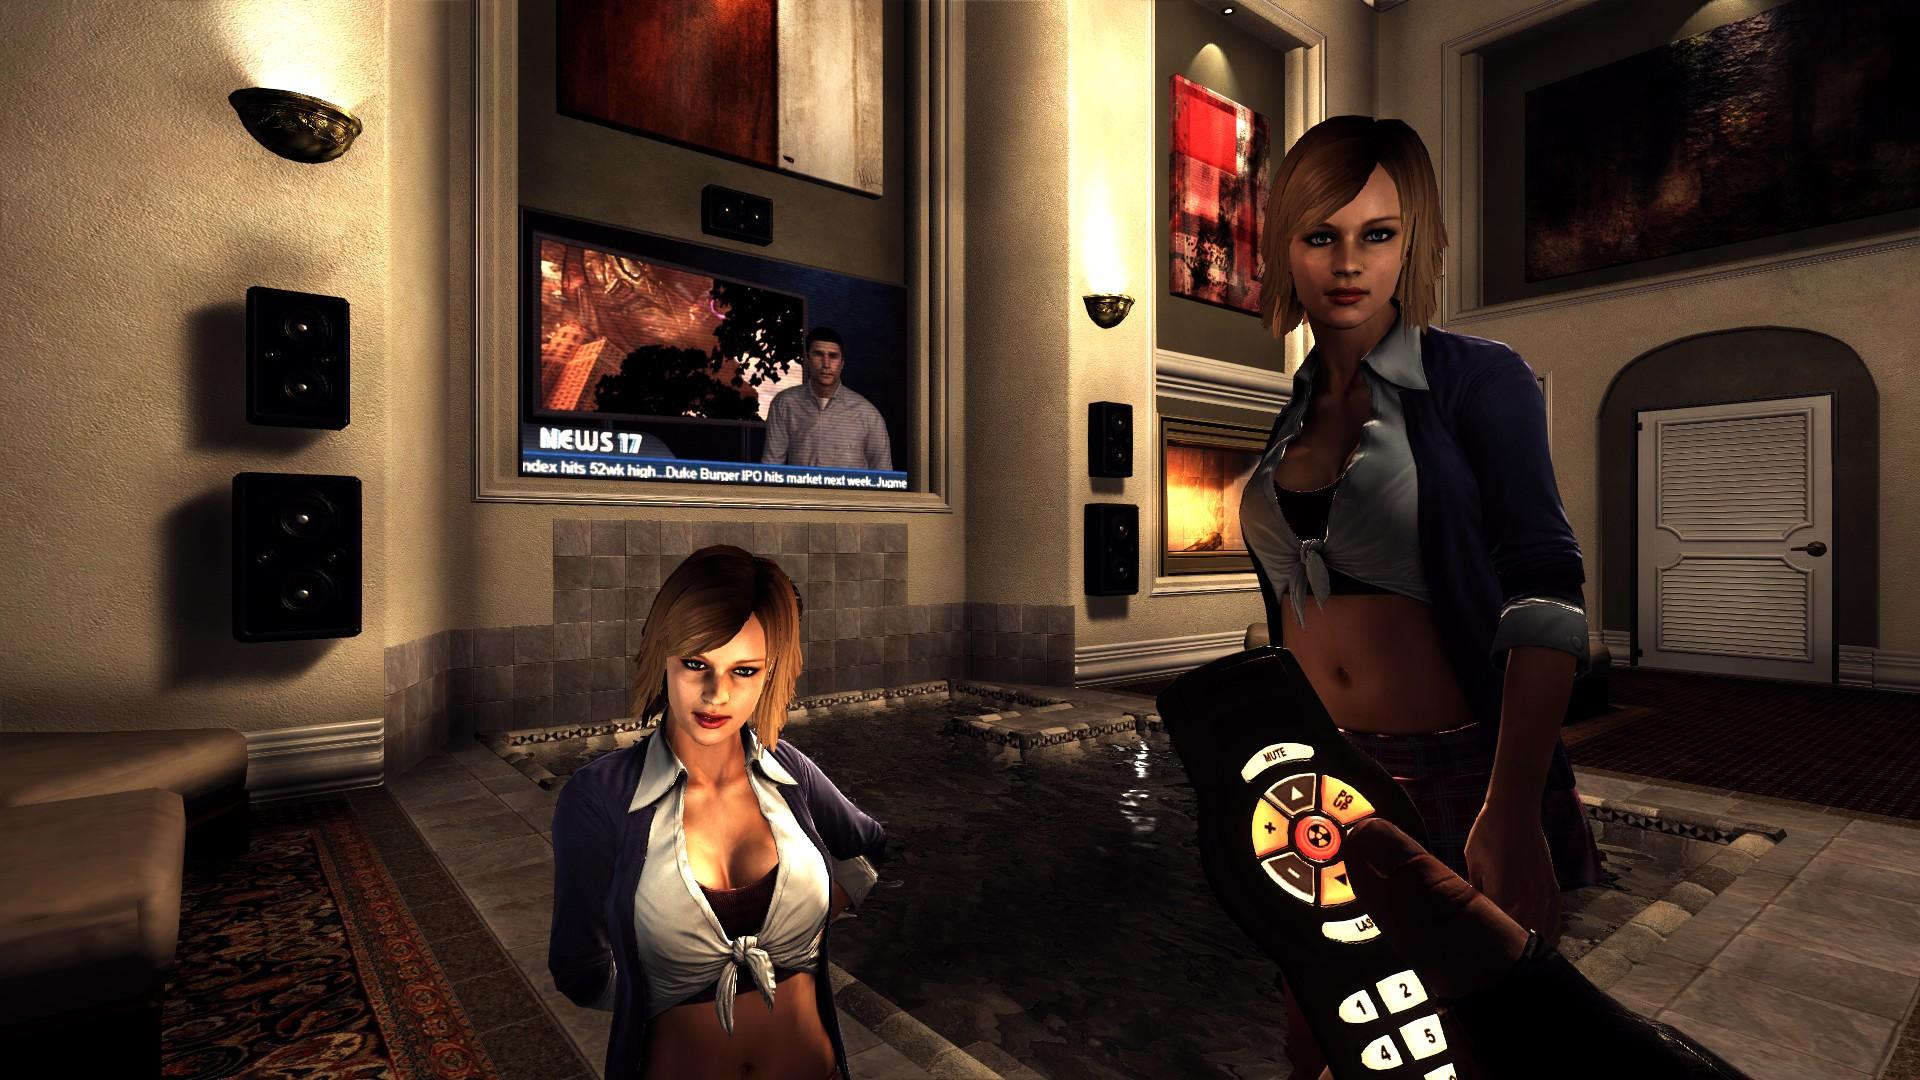 картинки из компьютерной игры дюк нюкем форевер